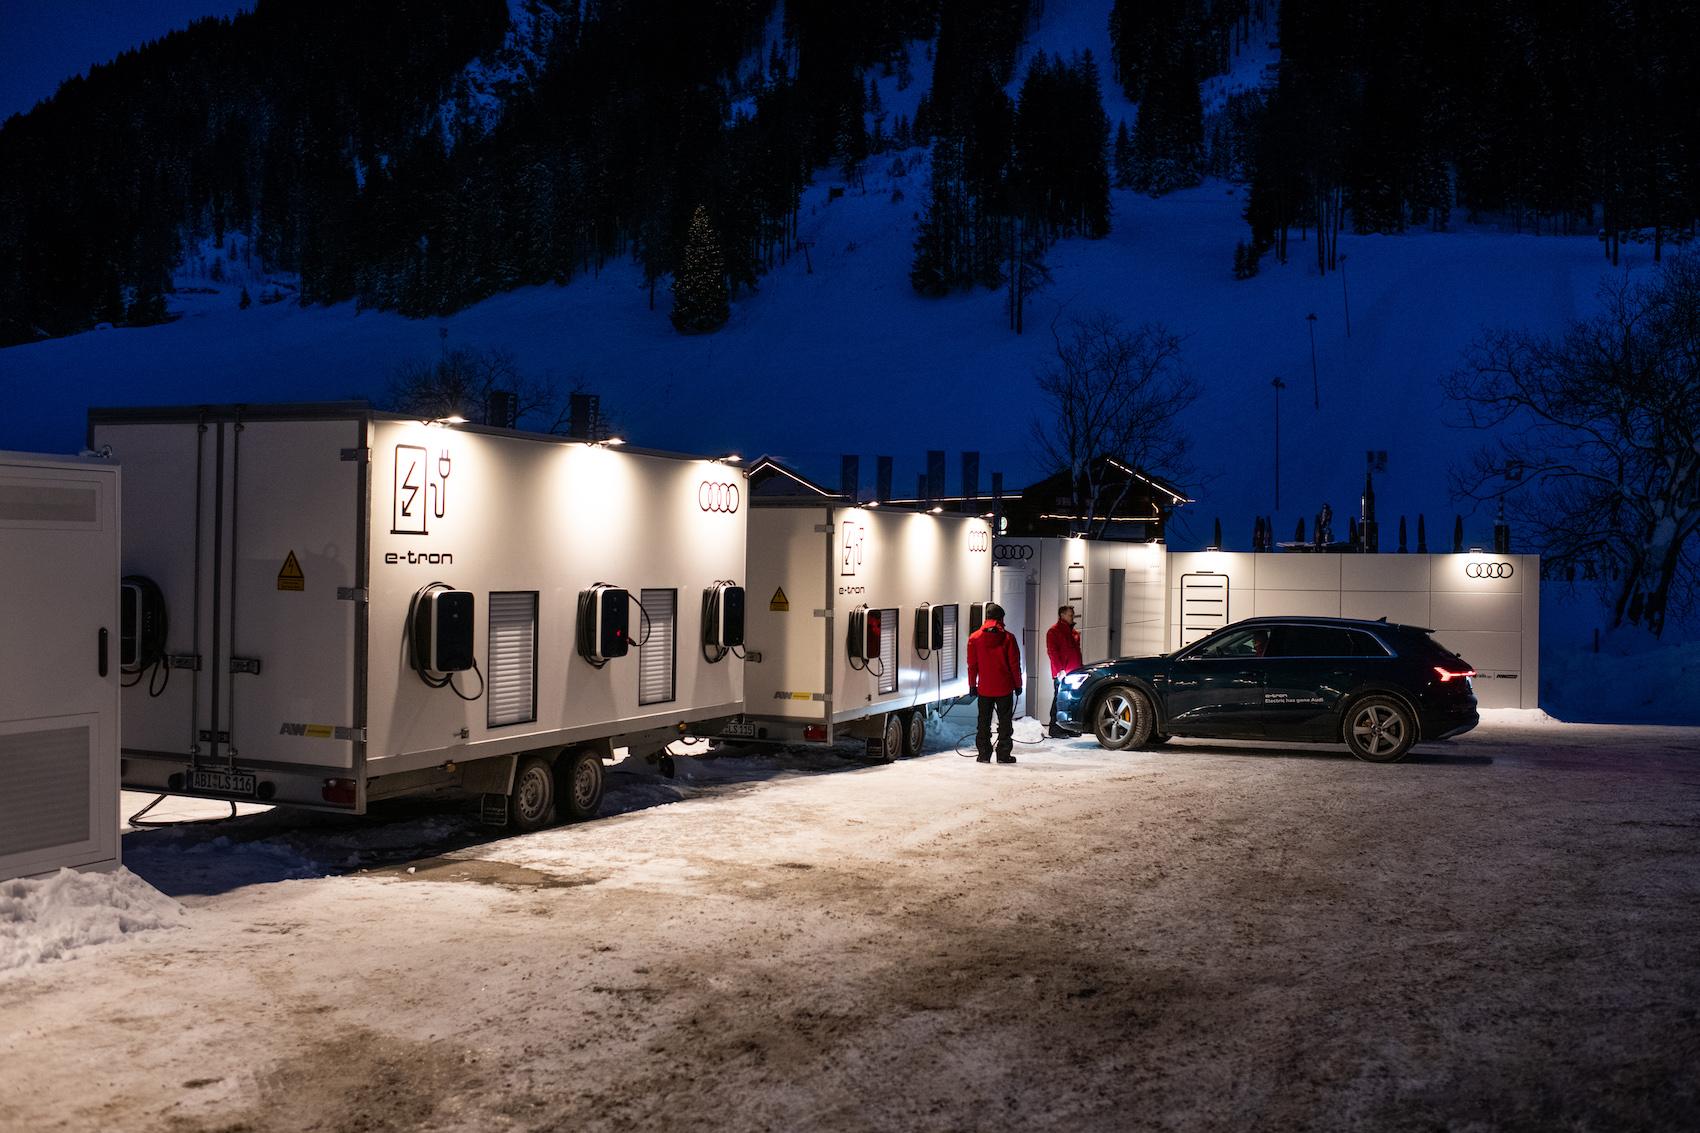 Le Audi e-tron si ricaricano di energia alla piattaforma realizzata presso la stazione a valle della Jakobshornbahn di Davos. (Foto: Adrian Bretscher)